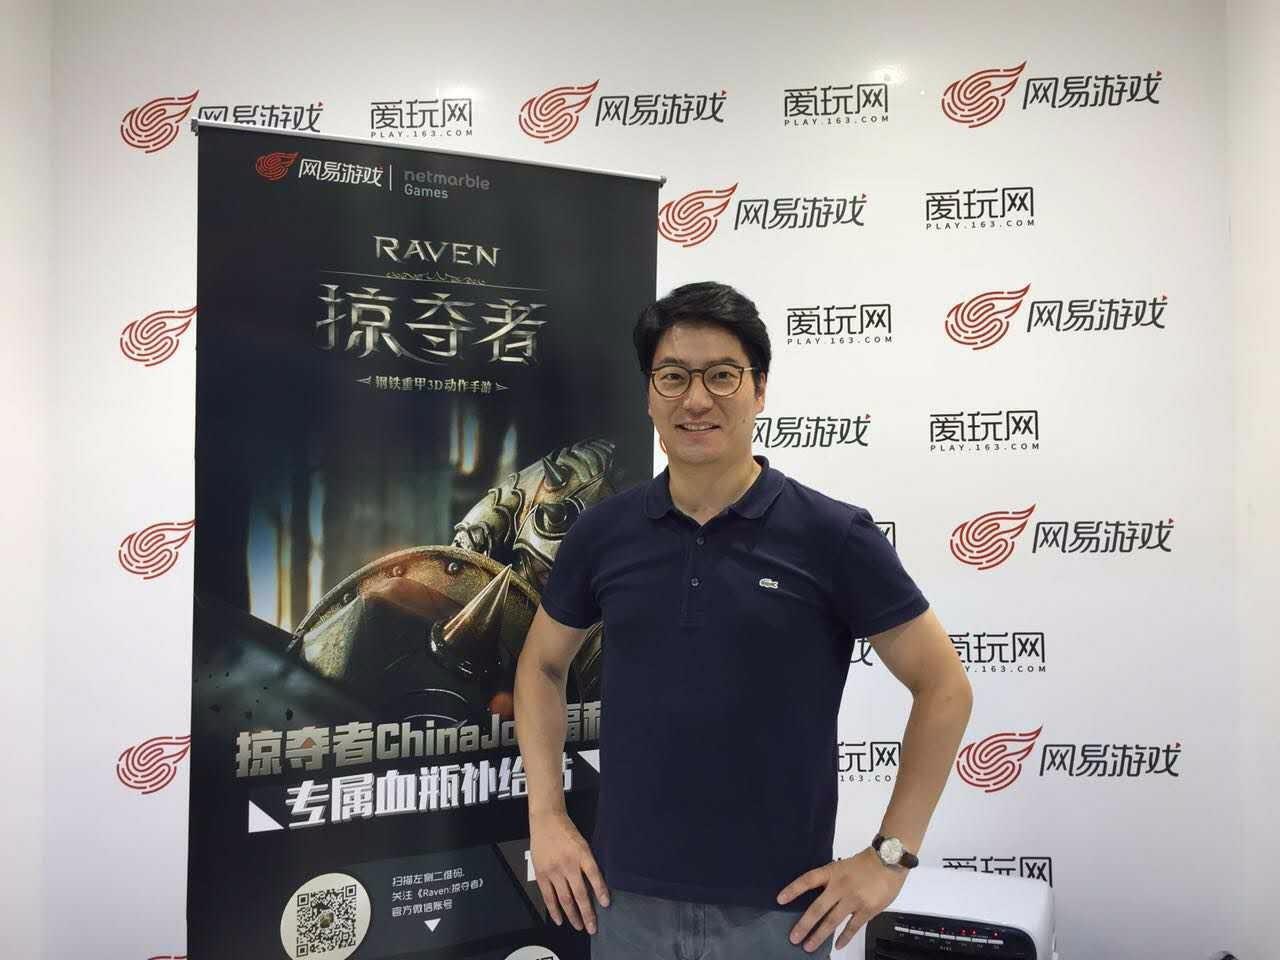 【游戏葡萄】对话《Raven:掠夺者》制作人:韩国第一的ARPG手游是如何打造的